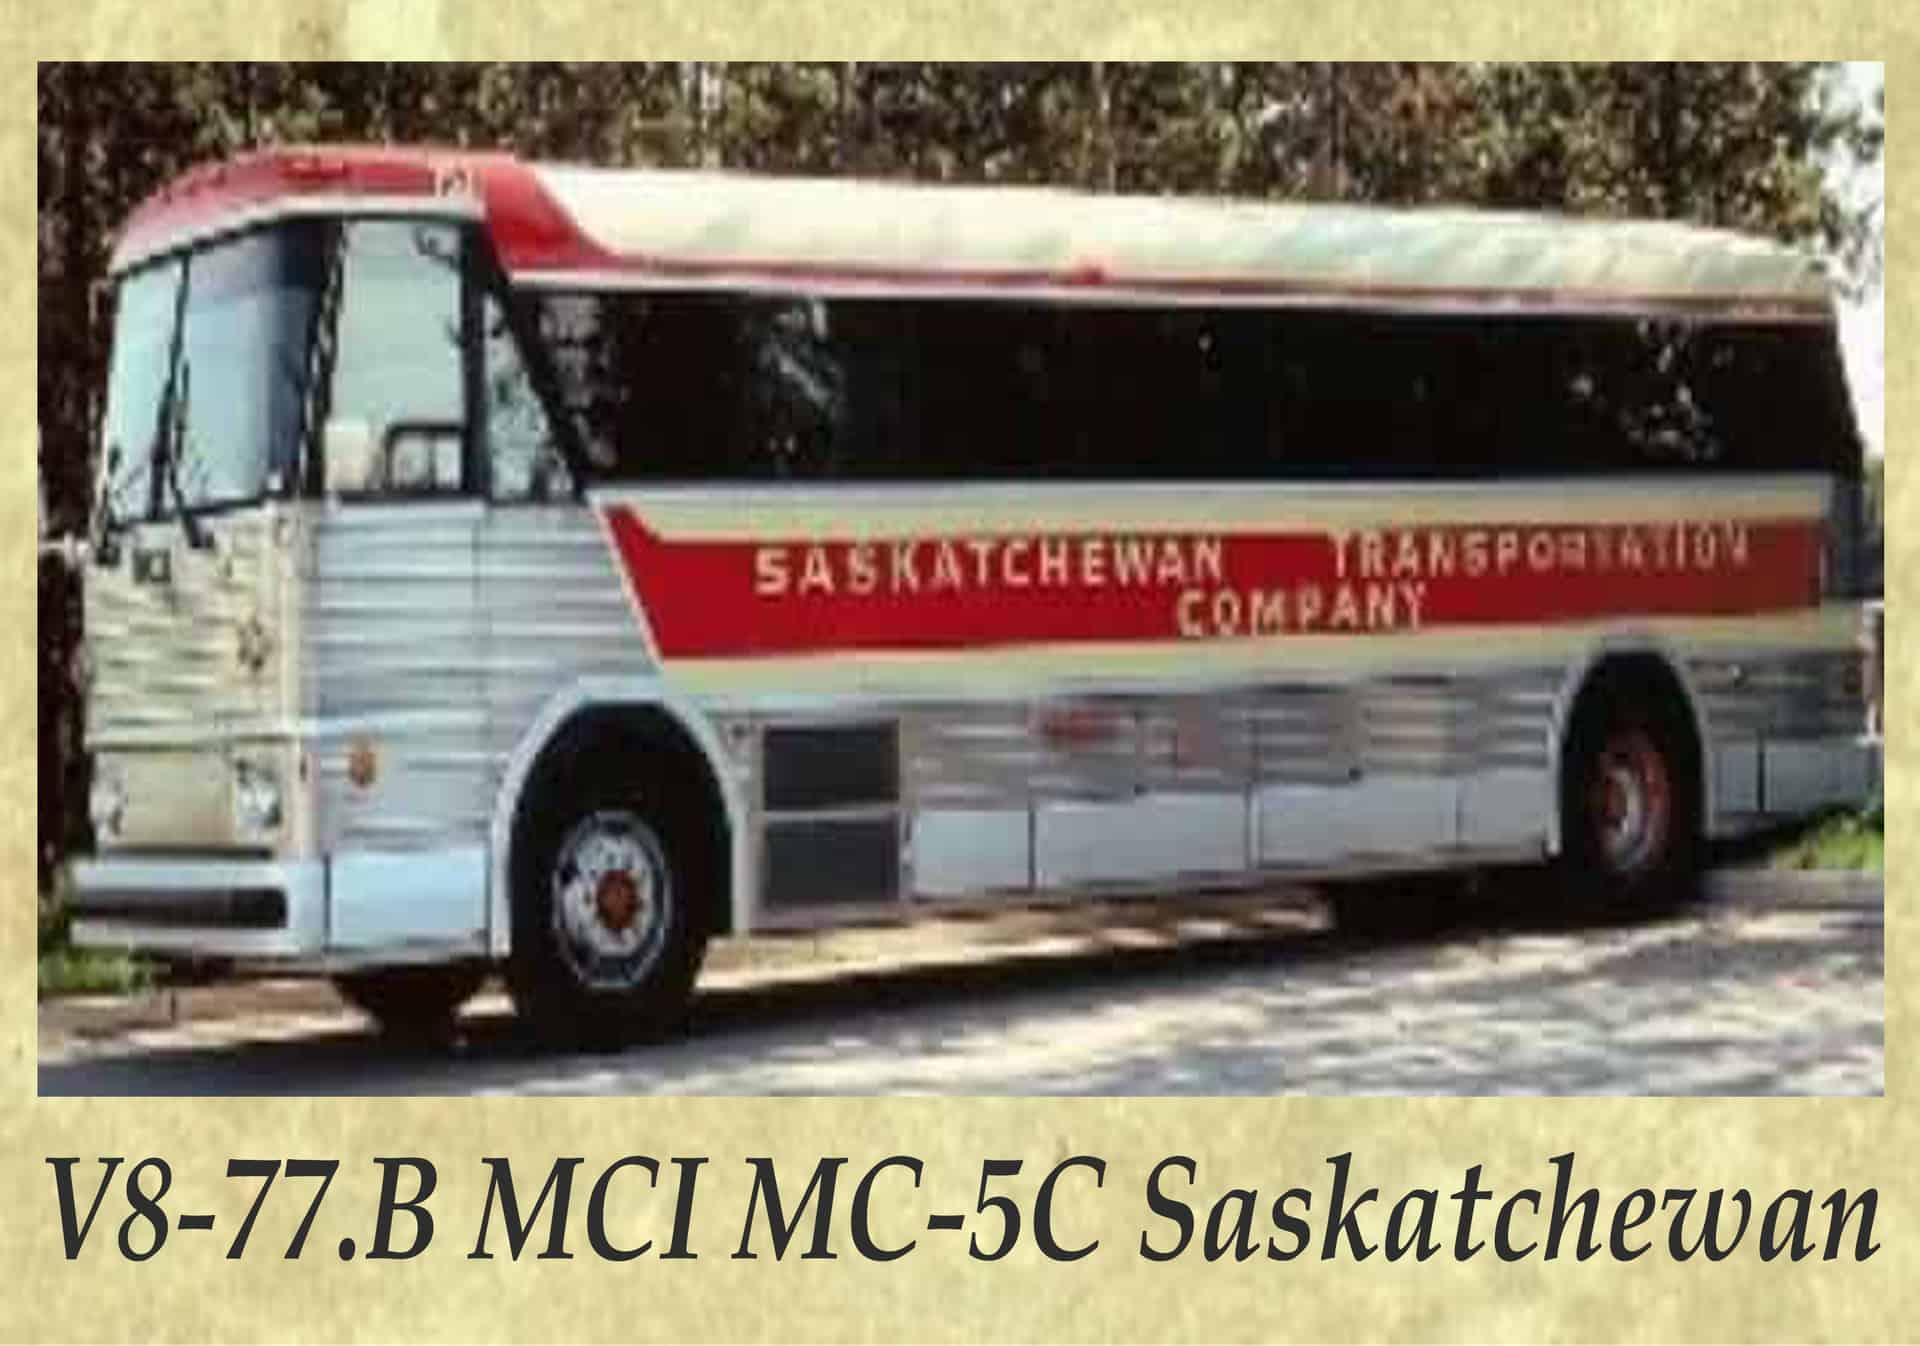 V8-77.B MCI MC-5C Saskatchewan